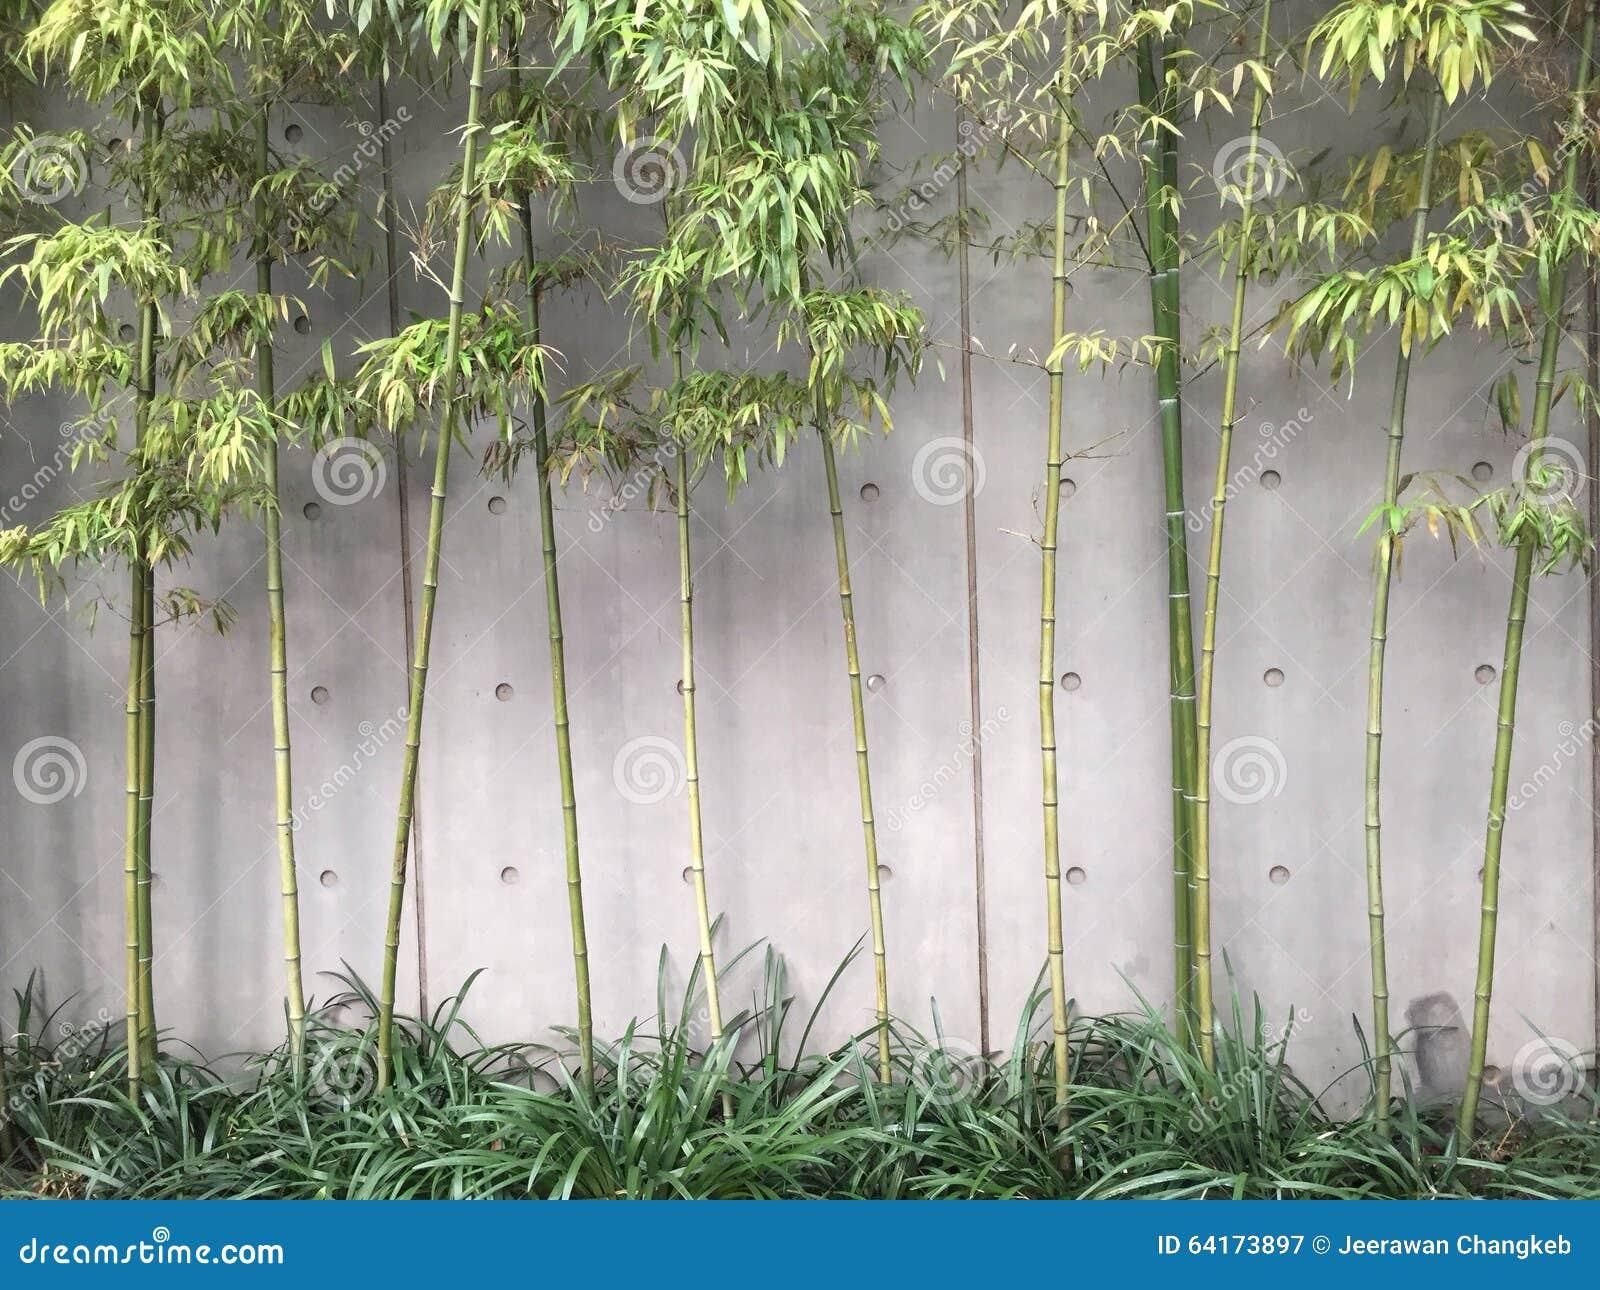 Estilo moderno de bamb del jard n fotograf a editorial imagen de jard n bamb 64173897 - Jardin de bambu talavera ...